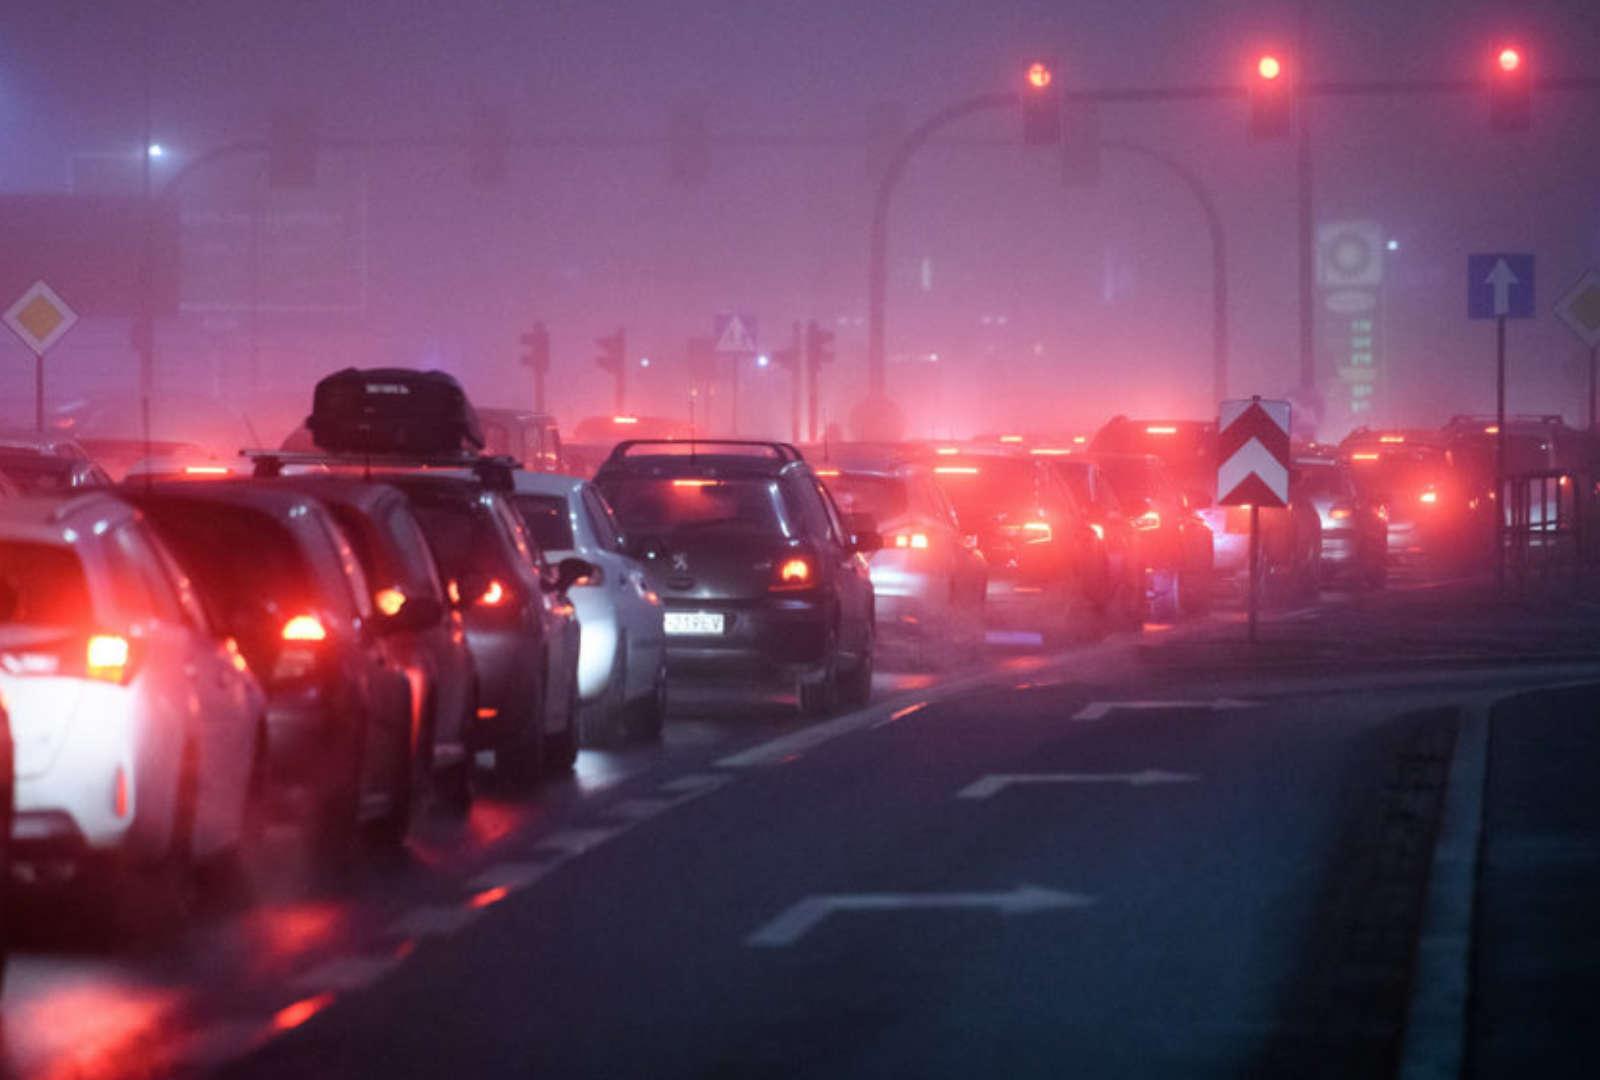 Rechtsvordering van ClientEarth: naar nieuwe meetstations voor de luchtkwaliteit in Brussel